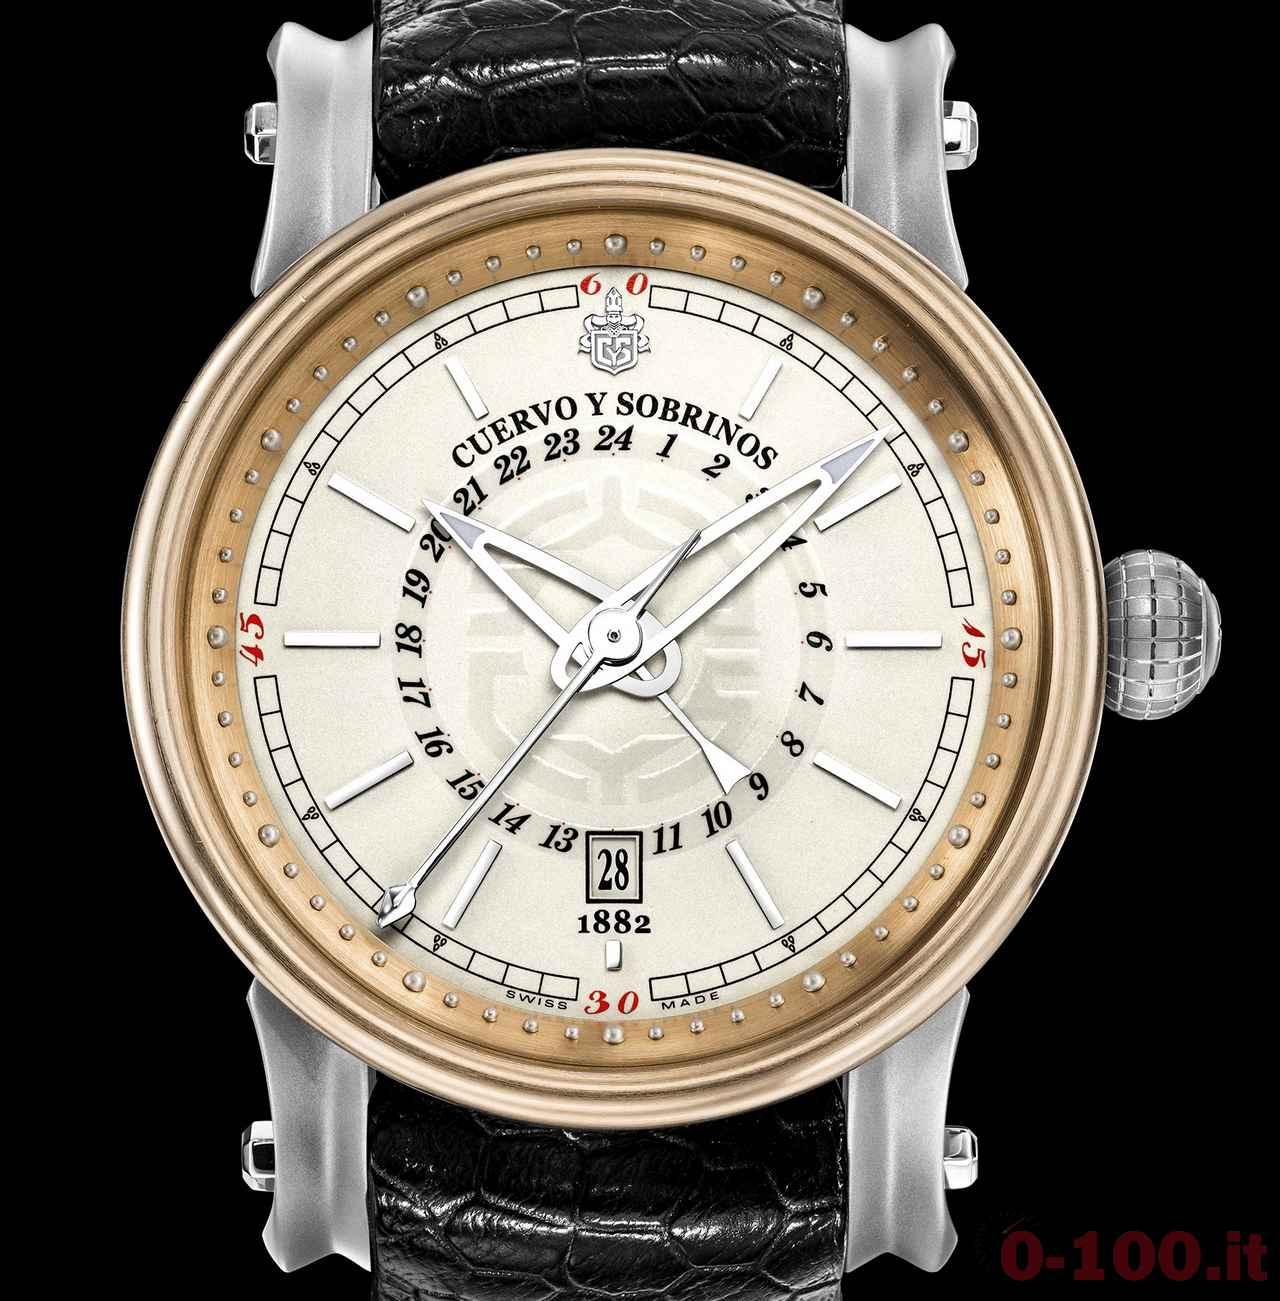 cuervo-y-sobrinos-torpedo-pirata-gmt-prezzo-price_0-1003